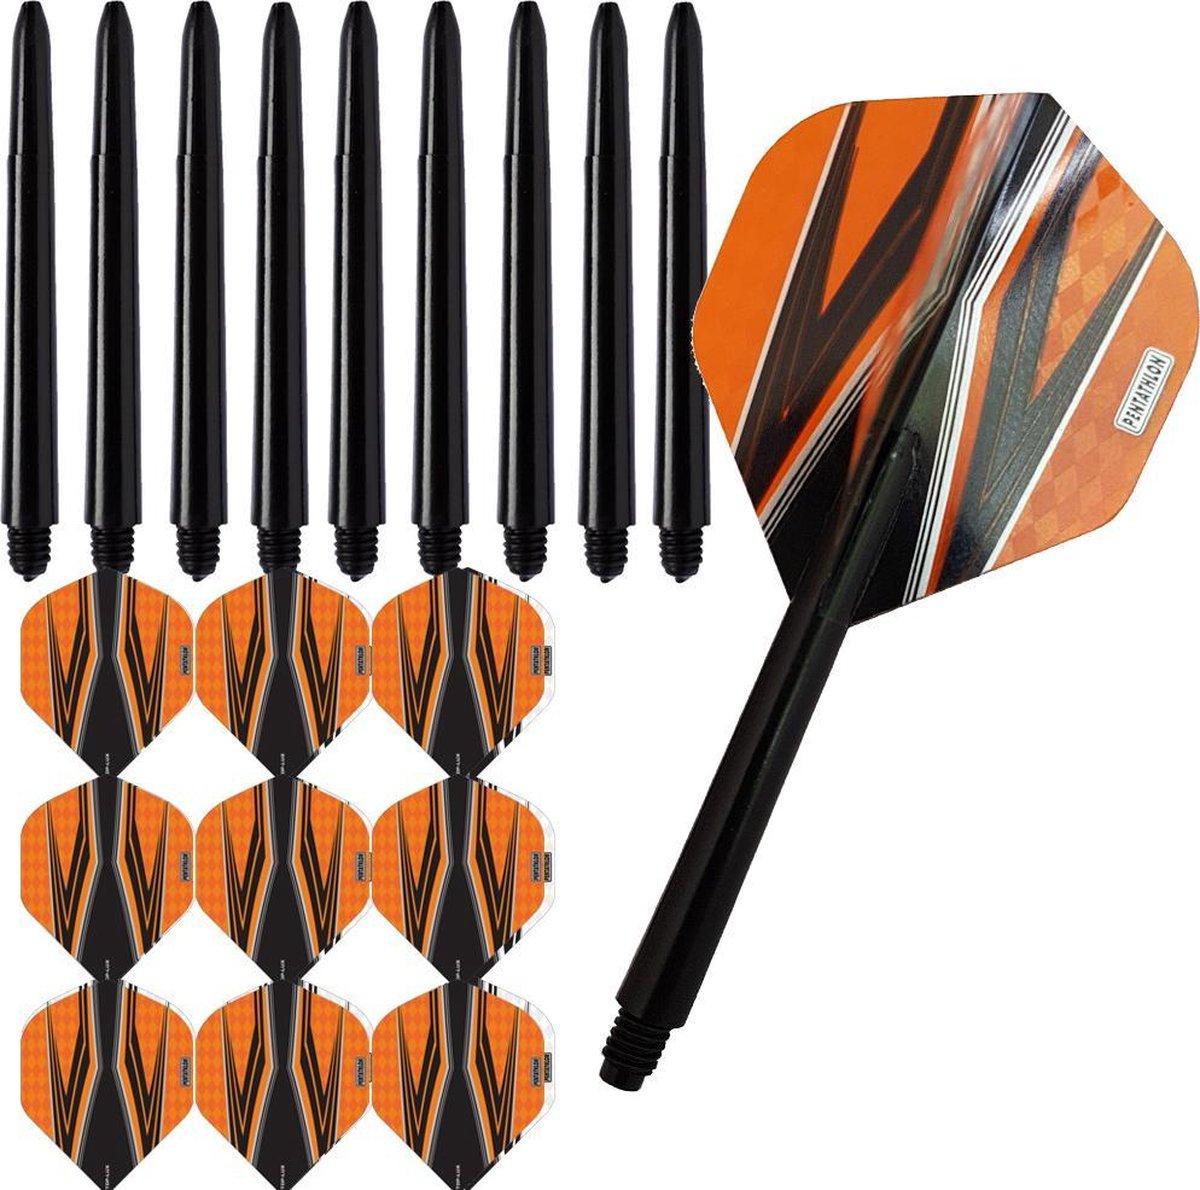 ABC Darts Flights Pentathlon - Dart flights en Medium Dart Shafts - Spitfire zwart oranje - 3 sets